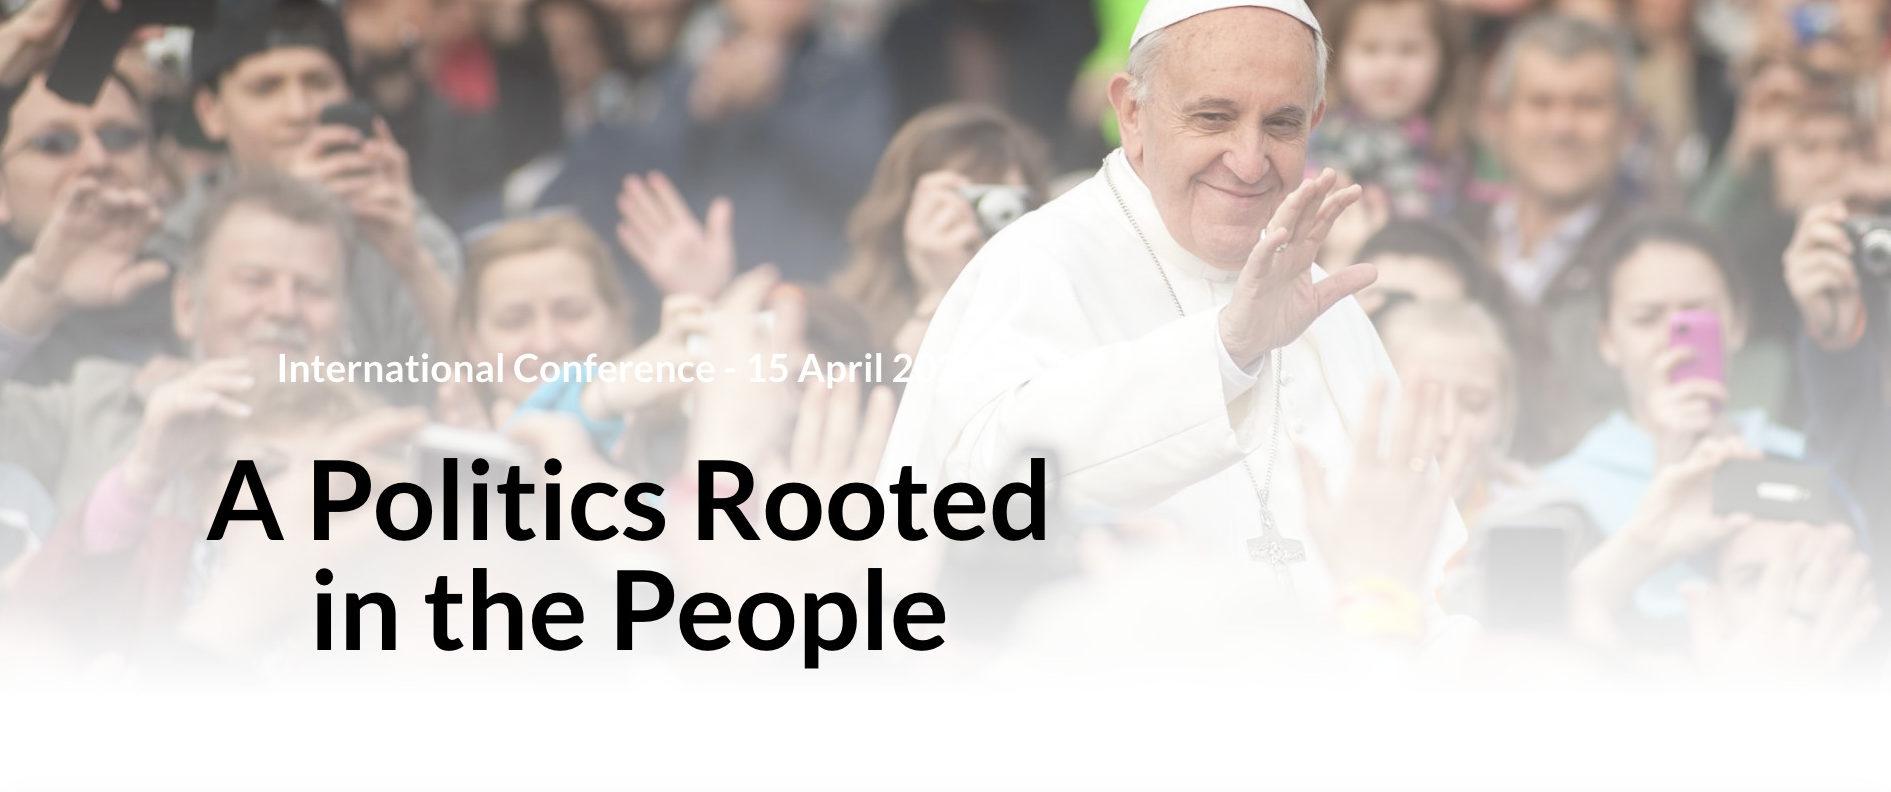 La politique enracinée dans le peuple, capture @ Centre for Theology & Community